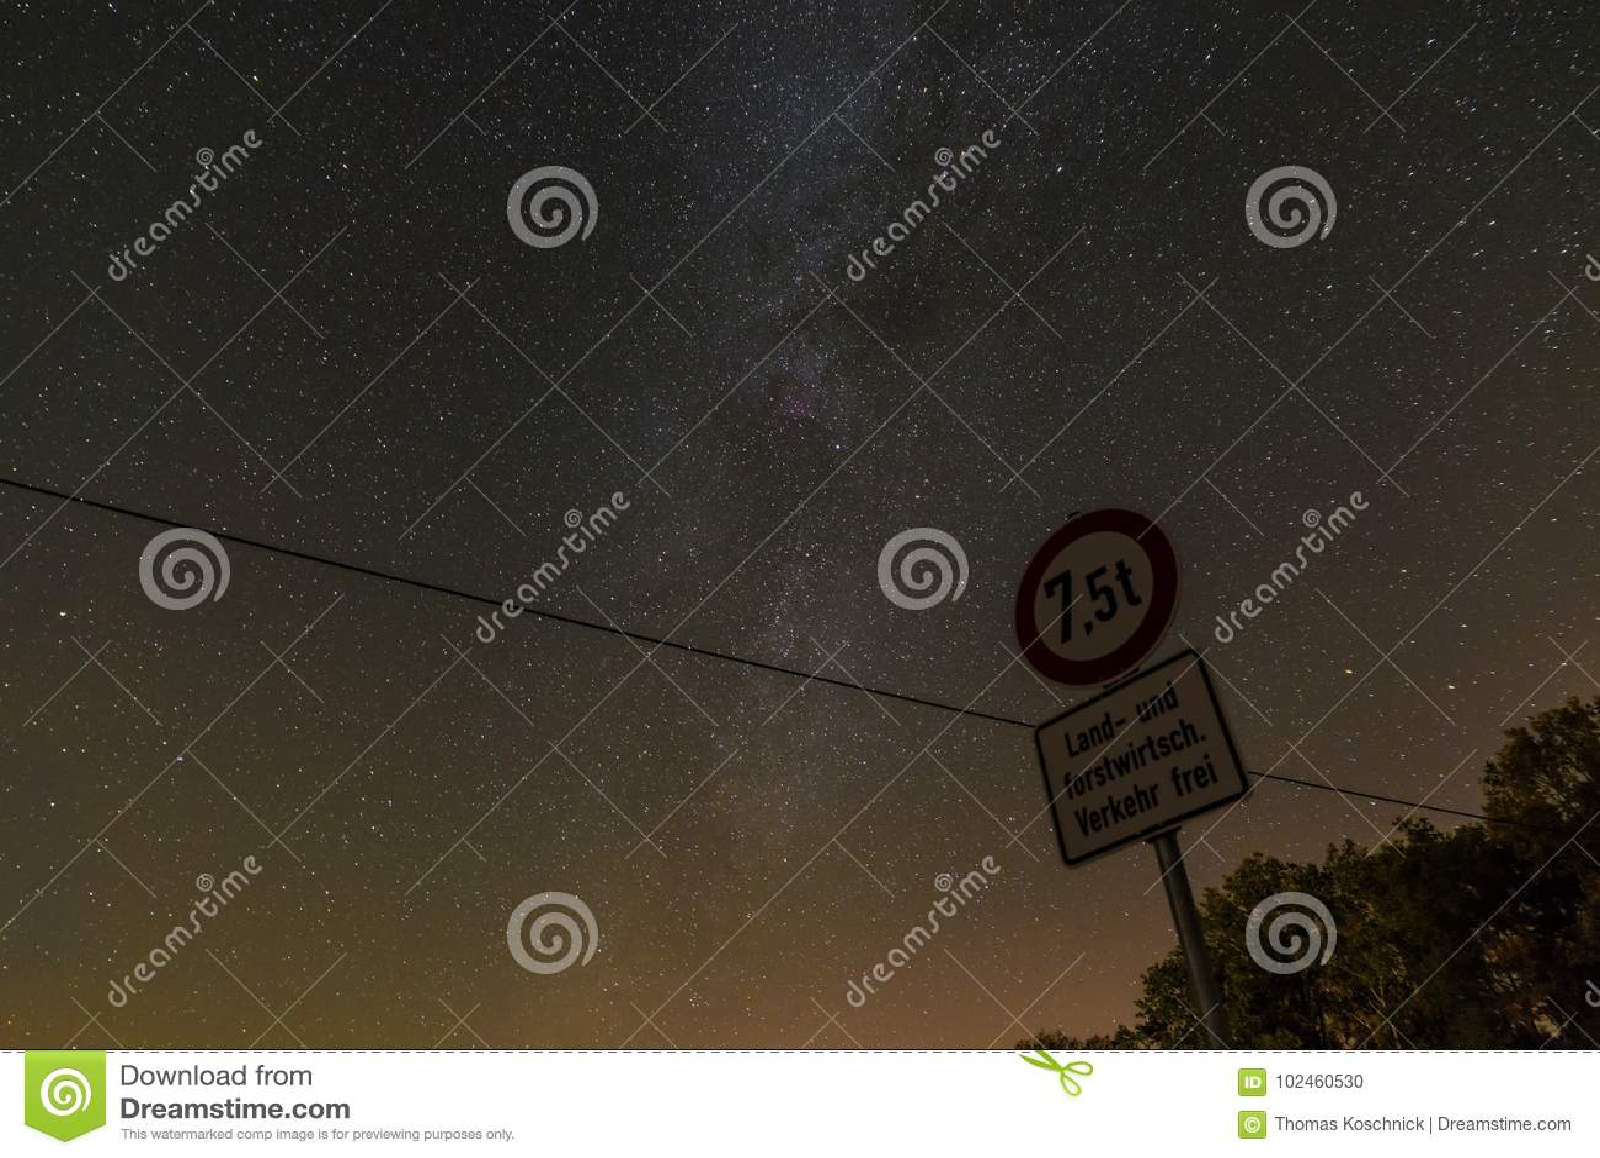 """Stjärnklar himmel med den mjölkaktiga vägen med tysk †för gatatecken """"som är fri för jordbruks- och skogsbruktrafik, Bayern, Ty"""